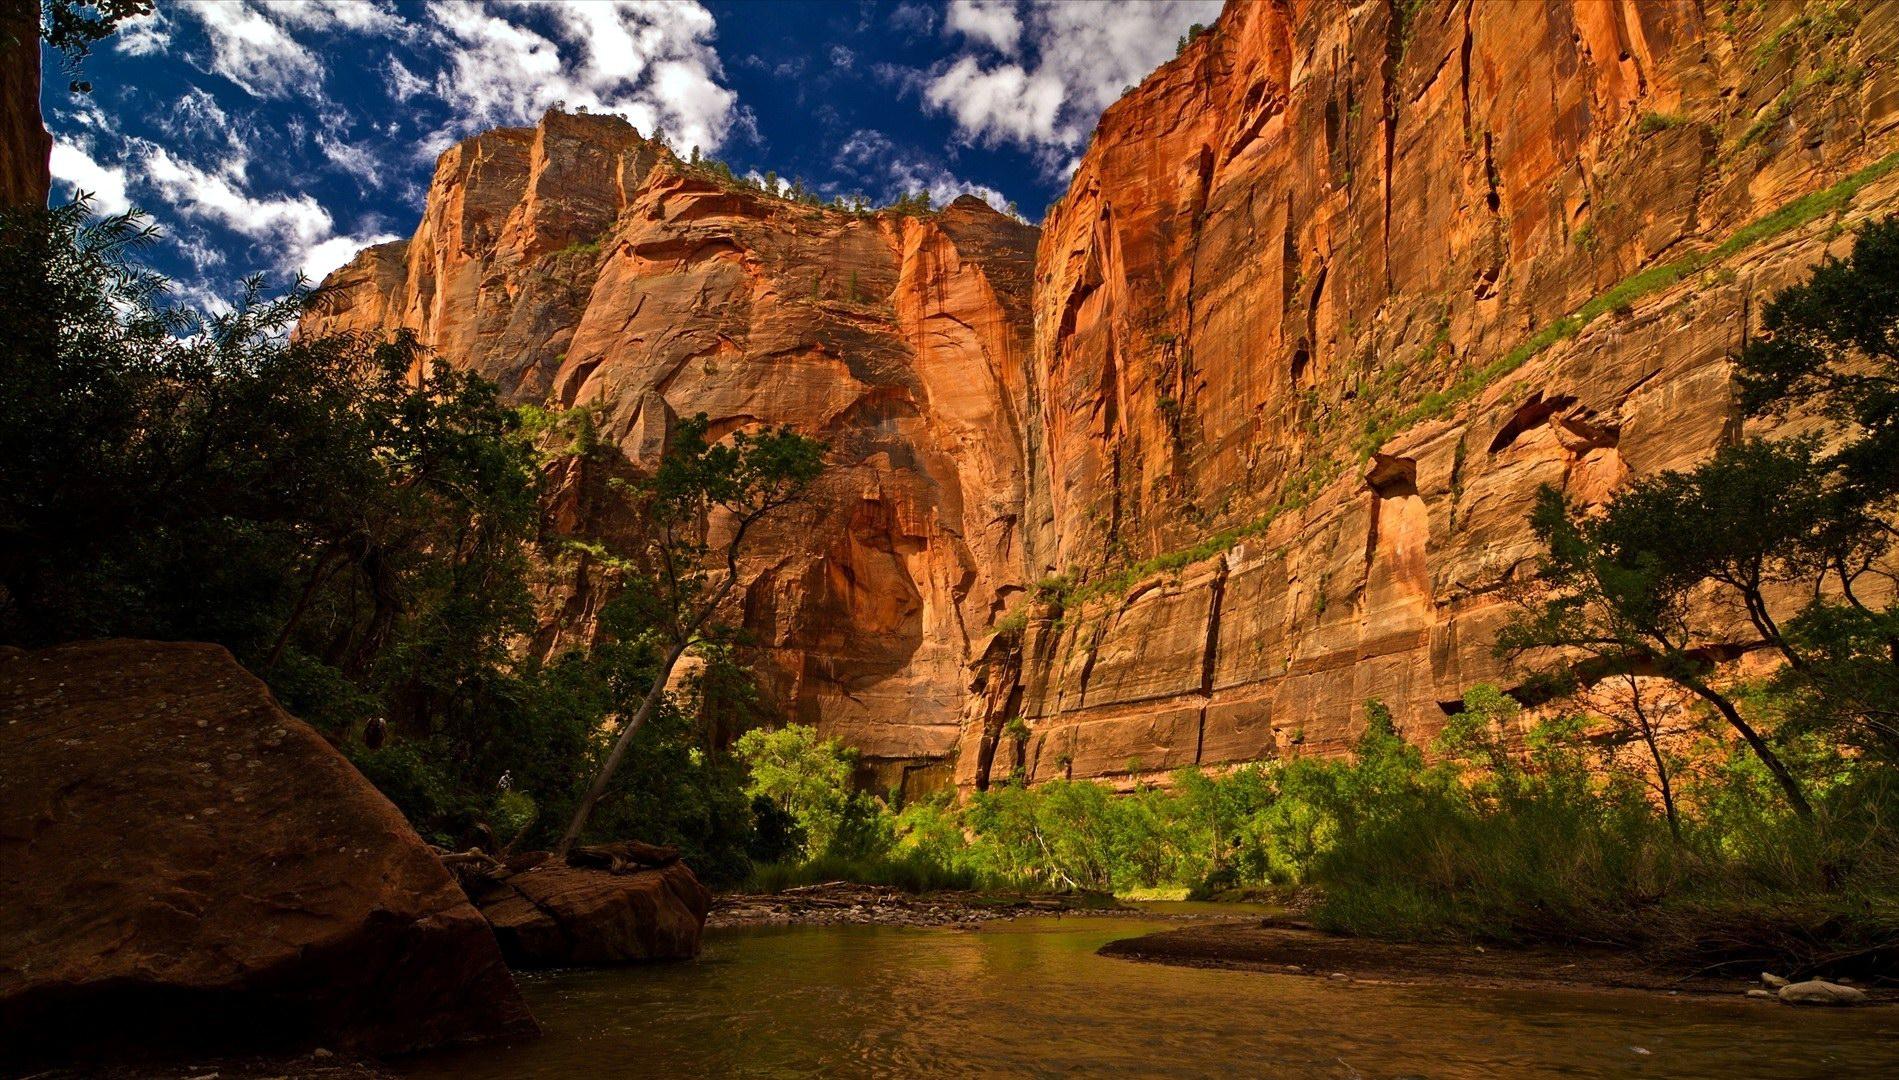 Zion-National-Park-Images